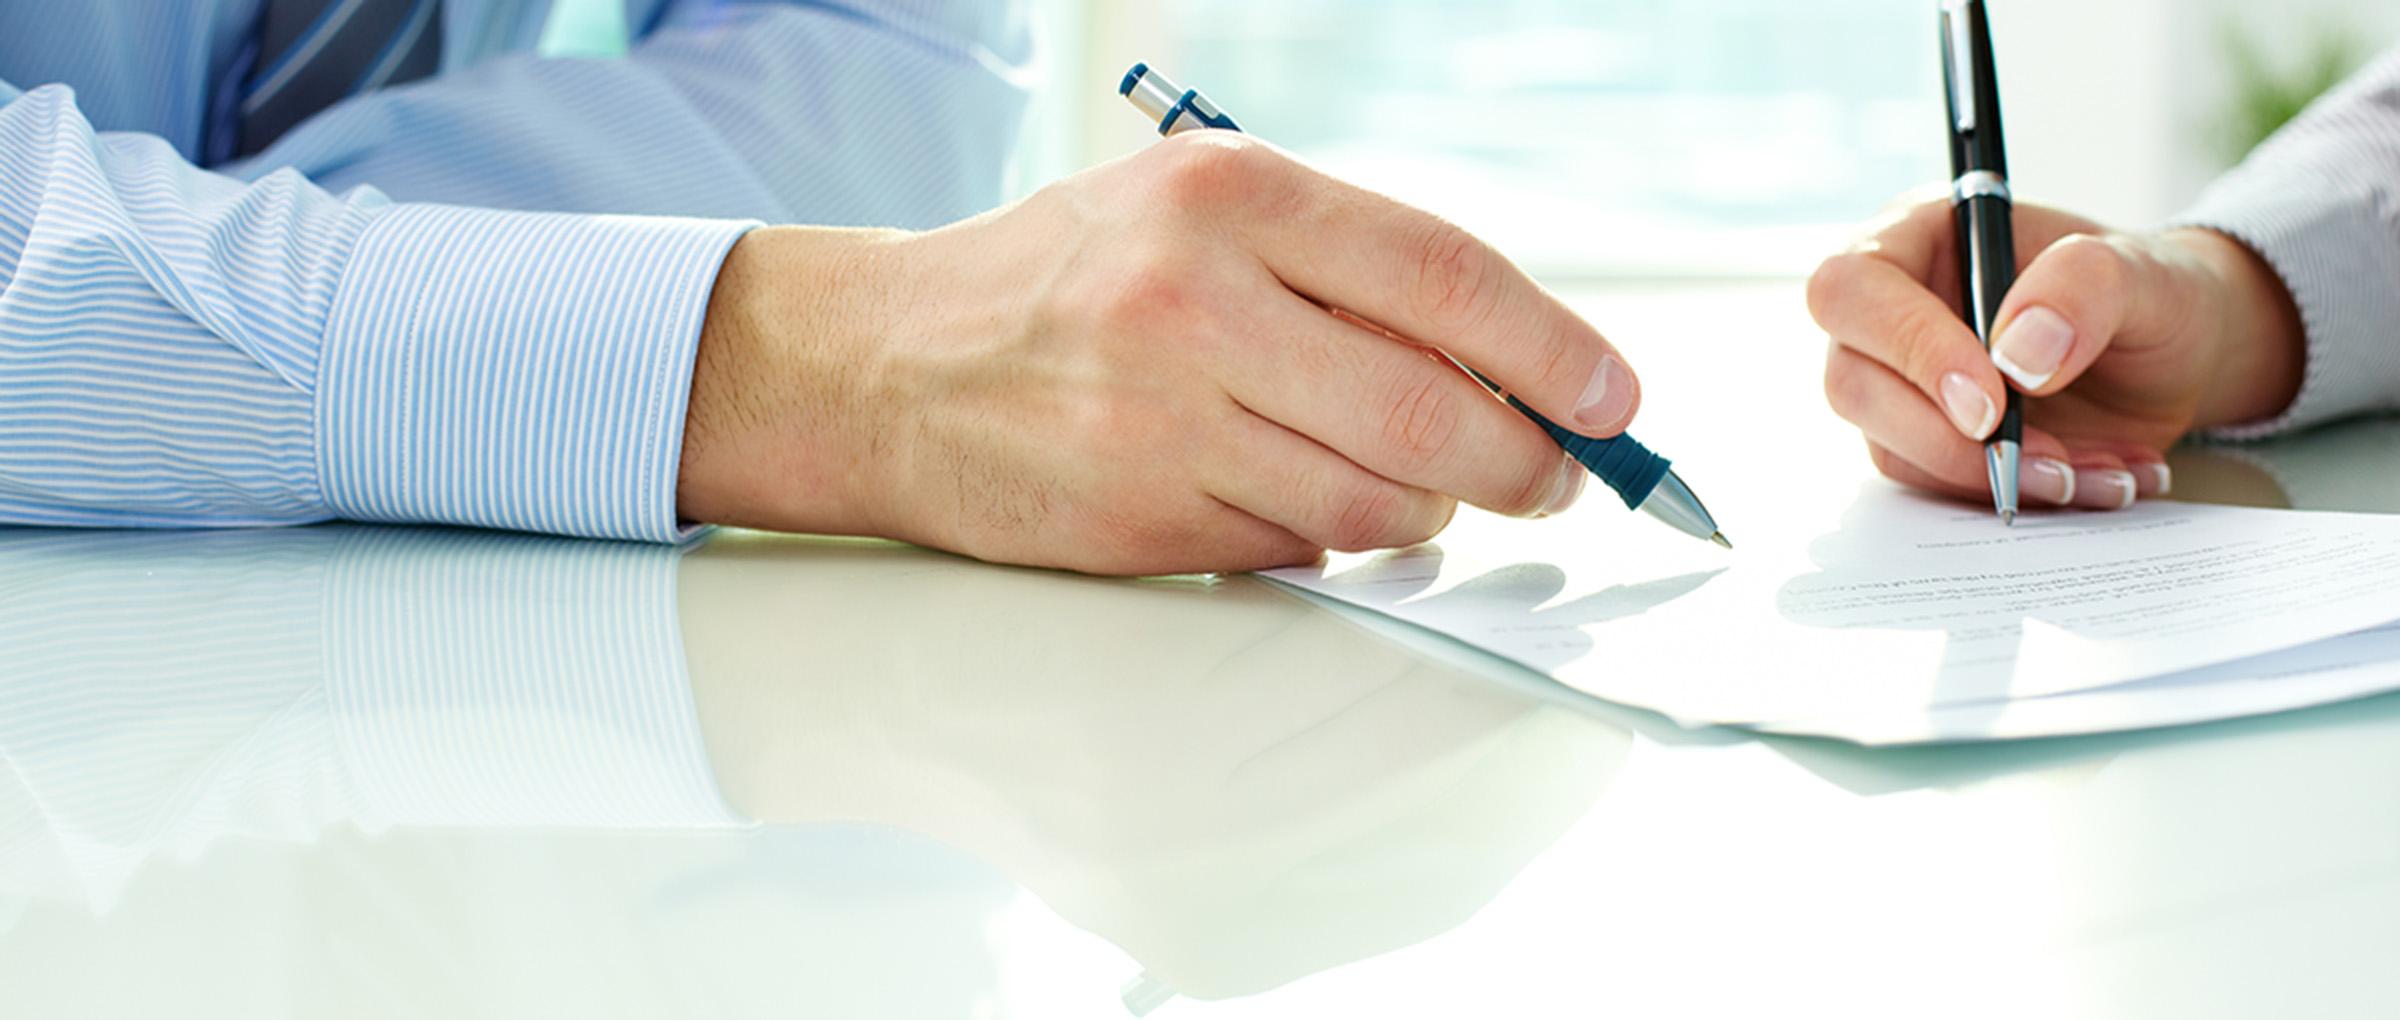 Contrato con una agencia de gestación subrogada en California